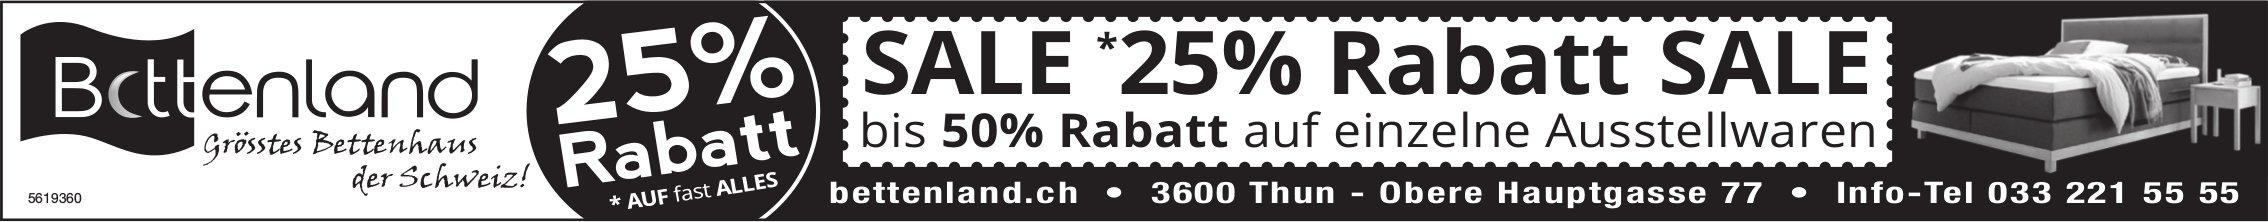 Bettenland, grösstes Bettenhaus der Schweiz! - 25% Rabatt Sale